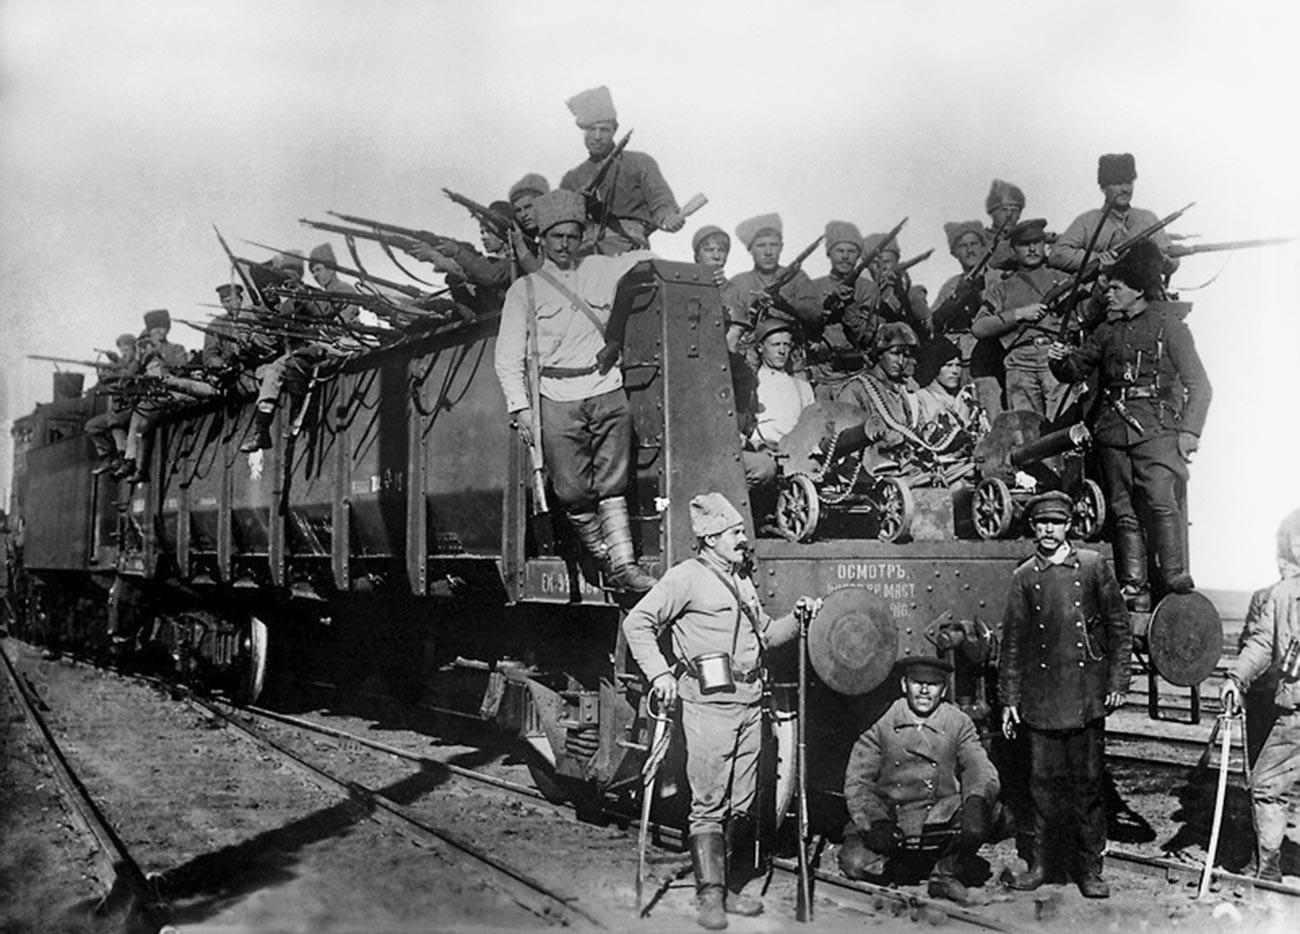 Trem blindado soviético